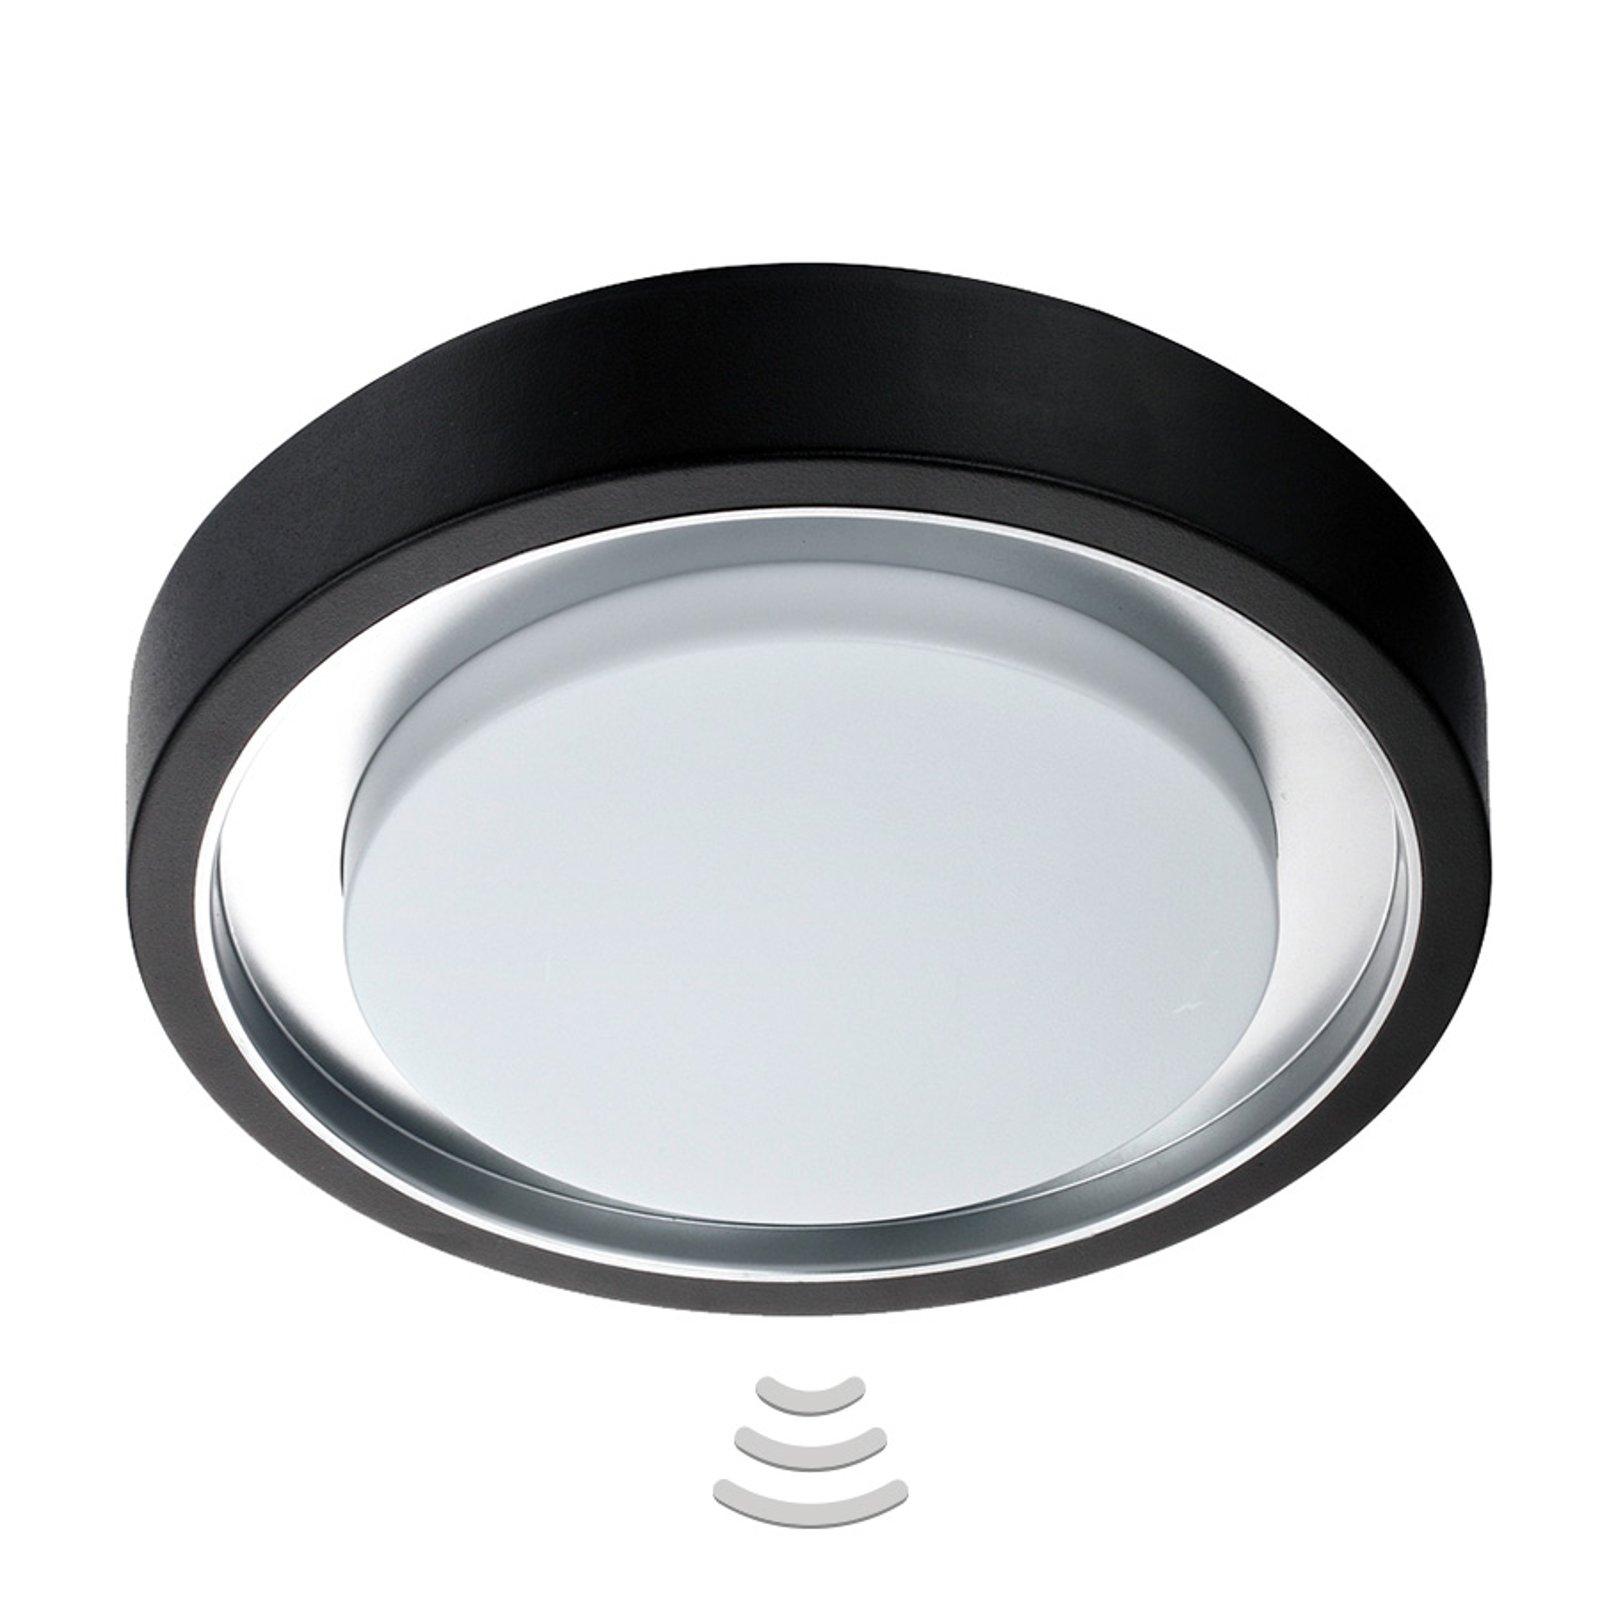 Utendørs taklampe LED Toki sensor